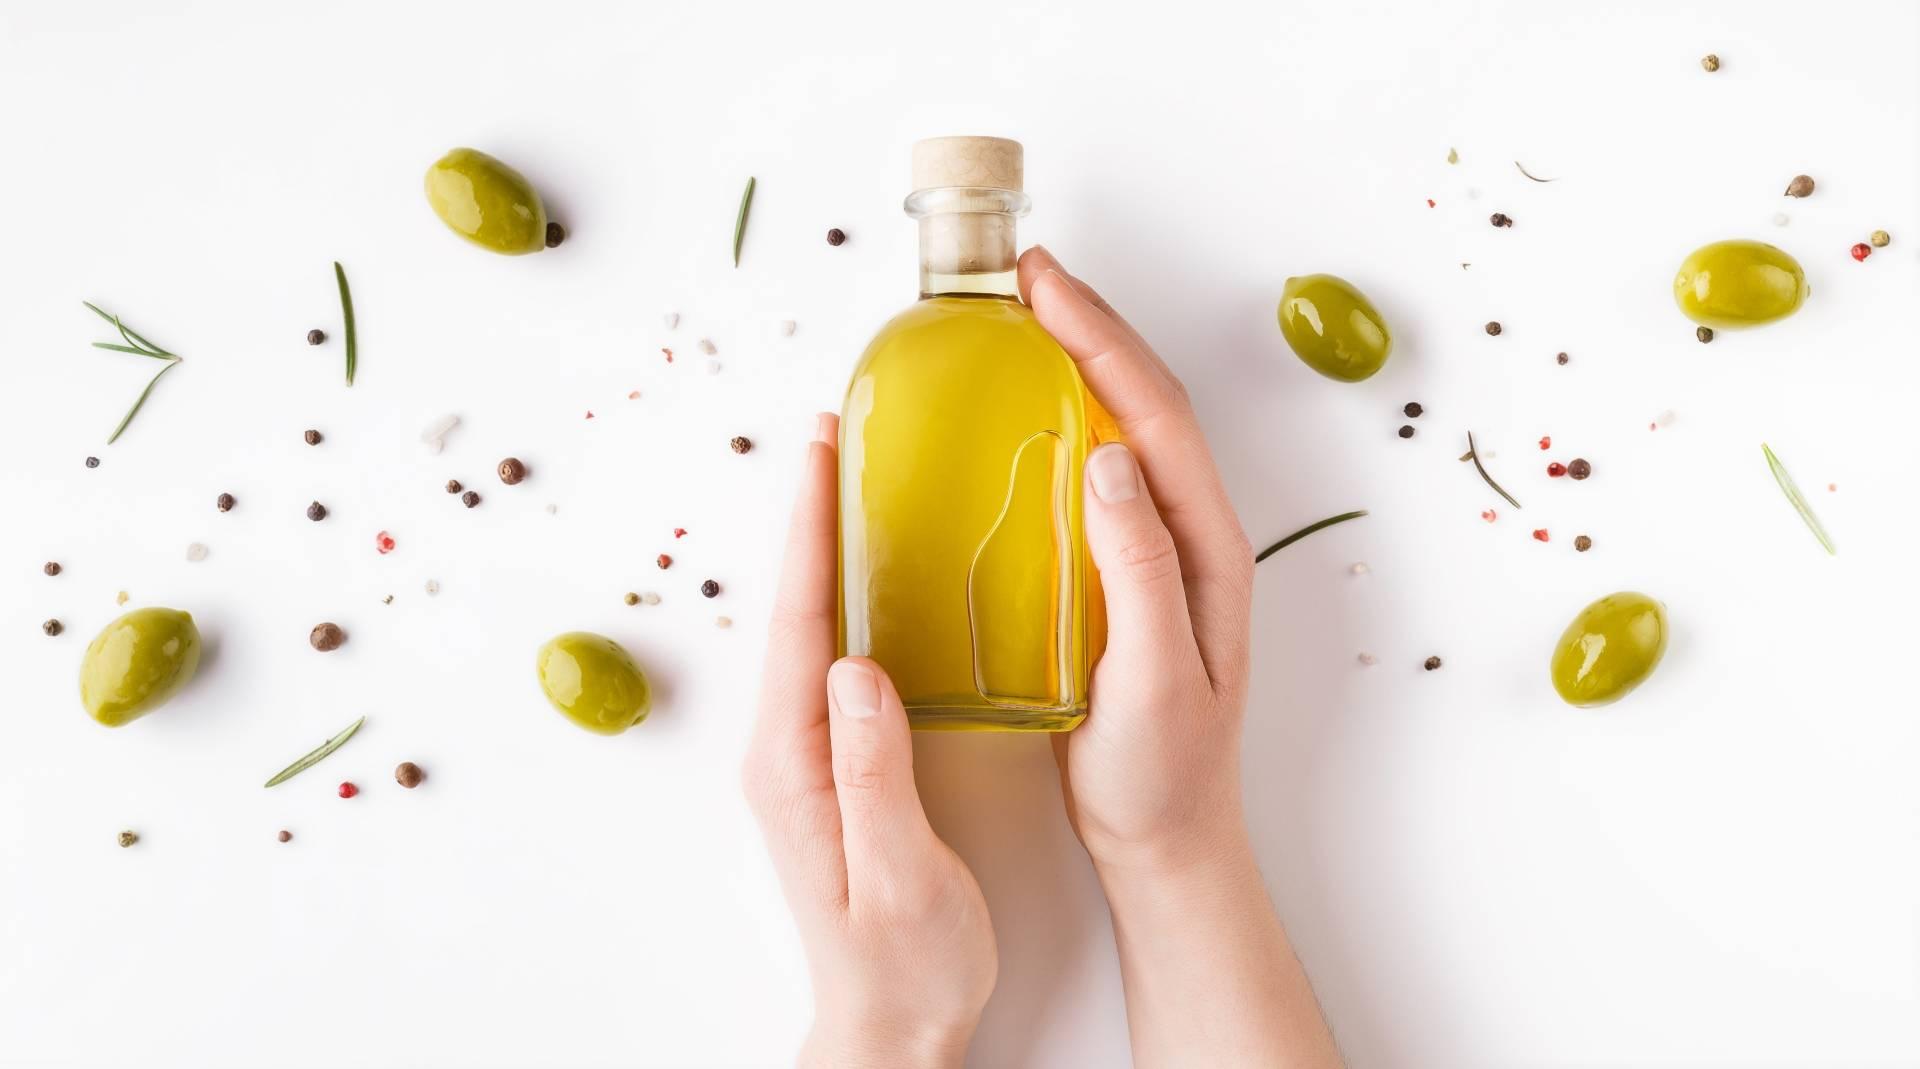 Zdrowe tłuszcze w diecie przeciwgrzybiczej. Kobiece dłonie trzymają butelkę oliwy z oliwek na białym tle. Obok leżą oliwki i suszone zioła.